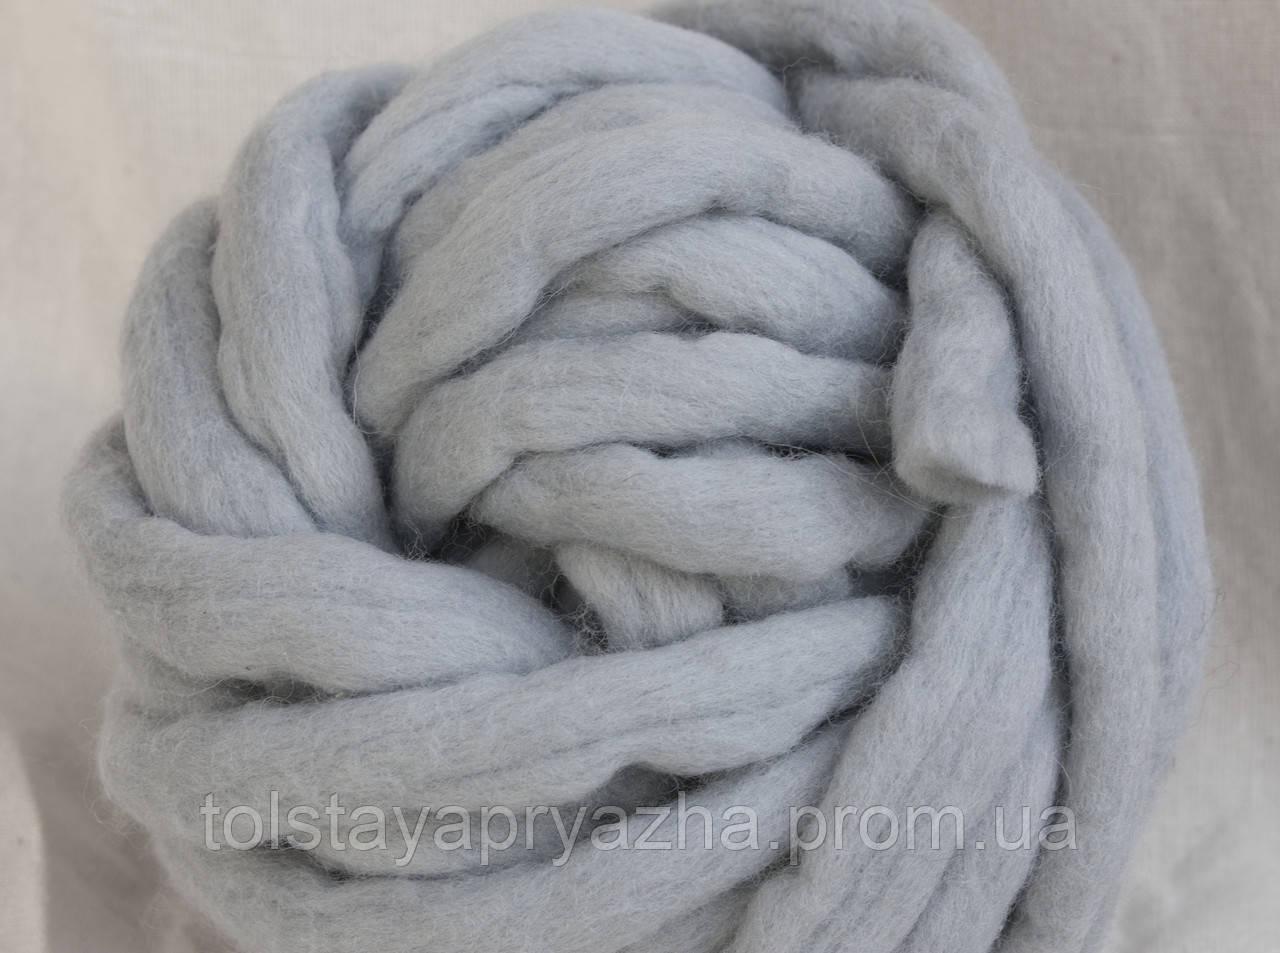 Толстая пряжа ручного прядения Elina Tolina  100% шерсть (обработана), перламутр